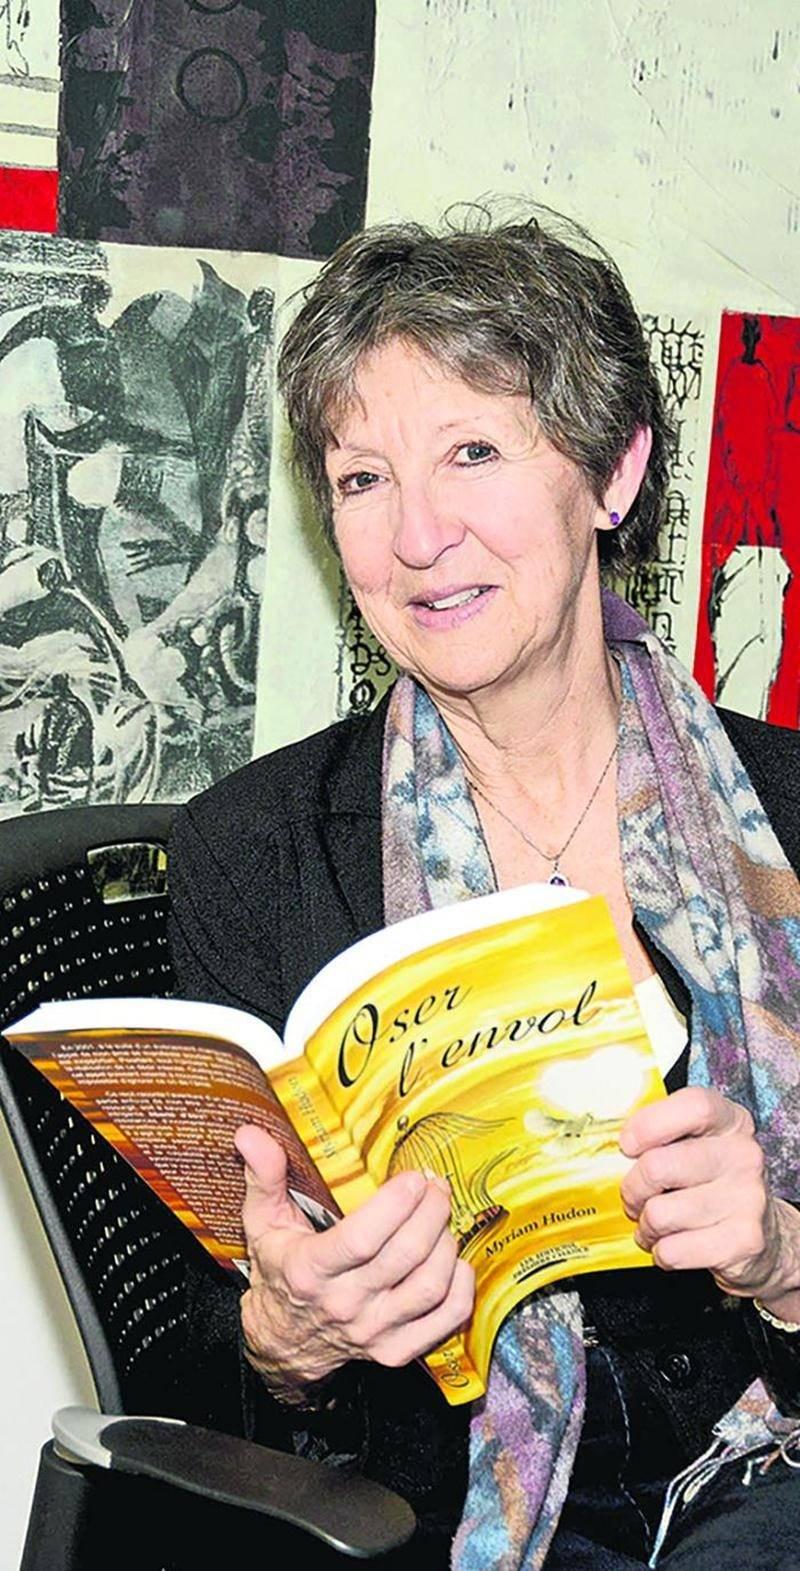 Myriam Hudon lancera son premier roman Oser l'envol au restaurant Le Parvis le 25 mars.  Photo François Larivière   Le Courrier ©